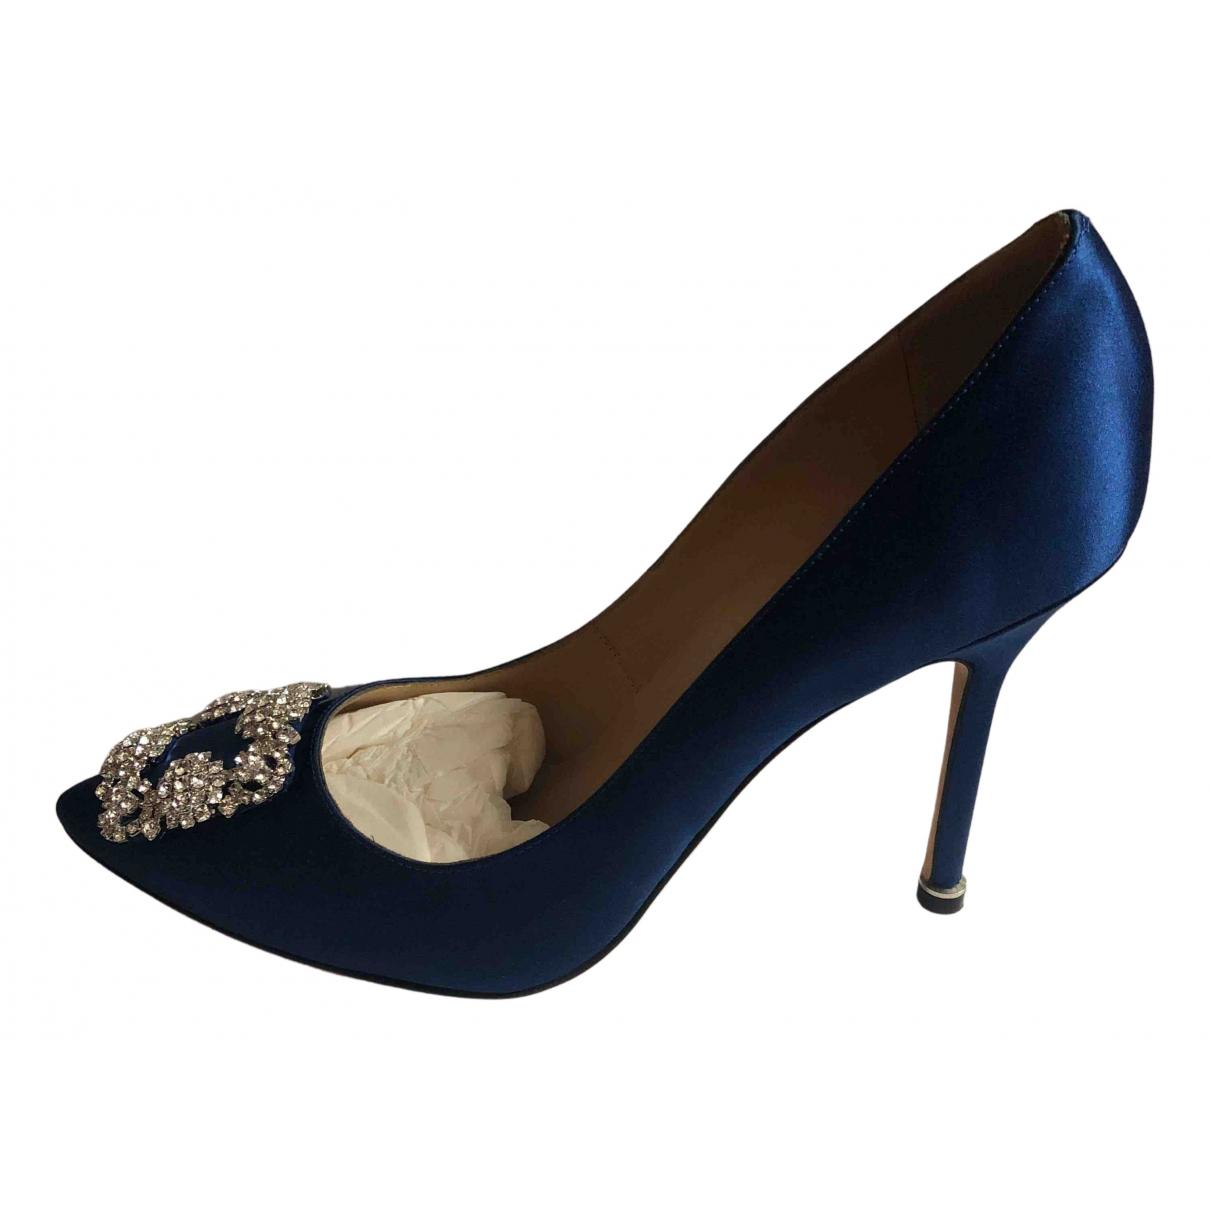 Manolo Blahnik - Escarpins Hangisi pour femme en toile - bleu